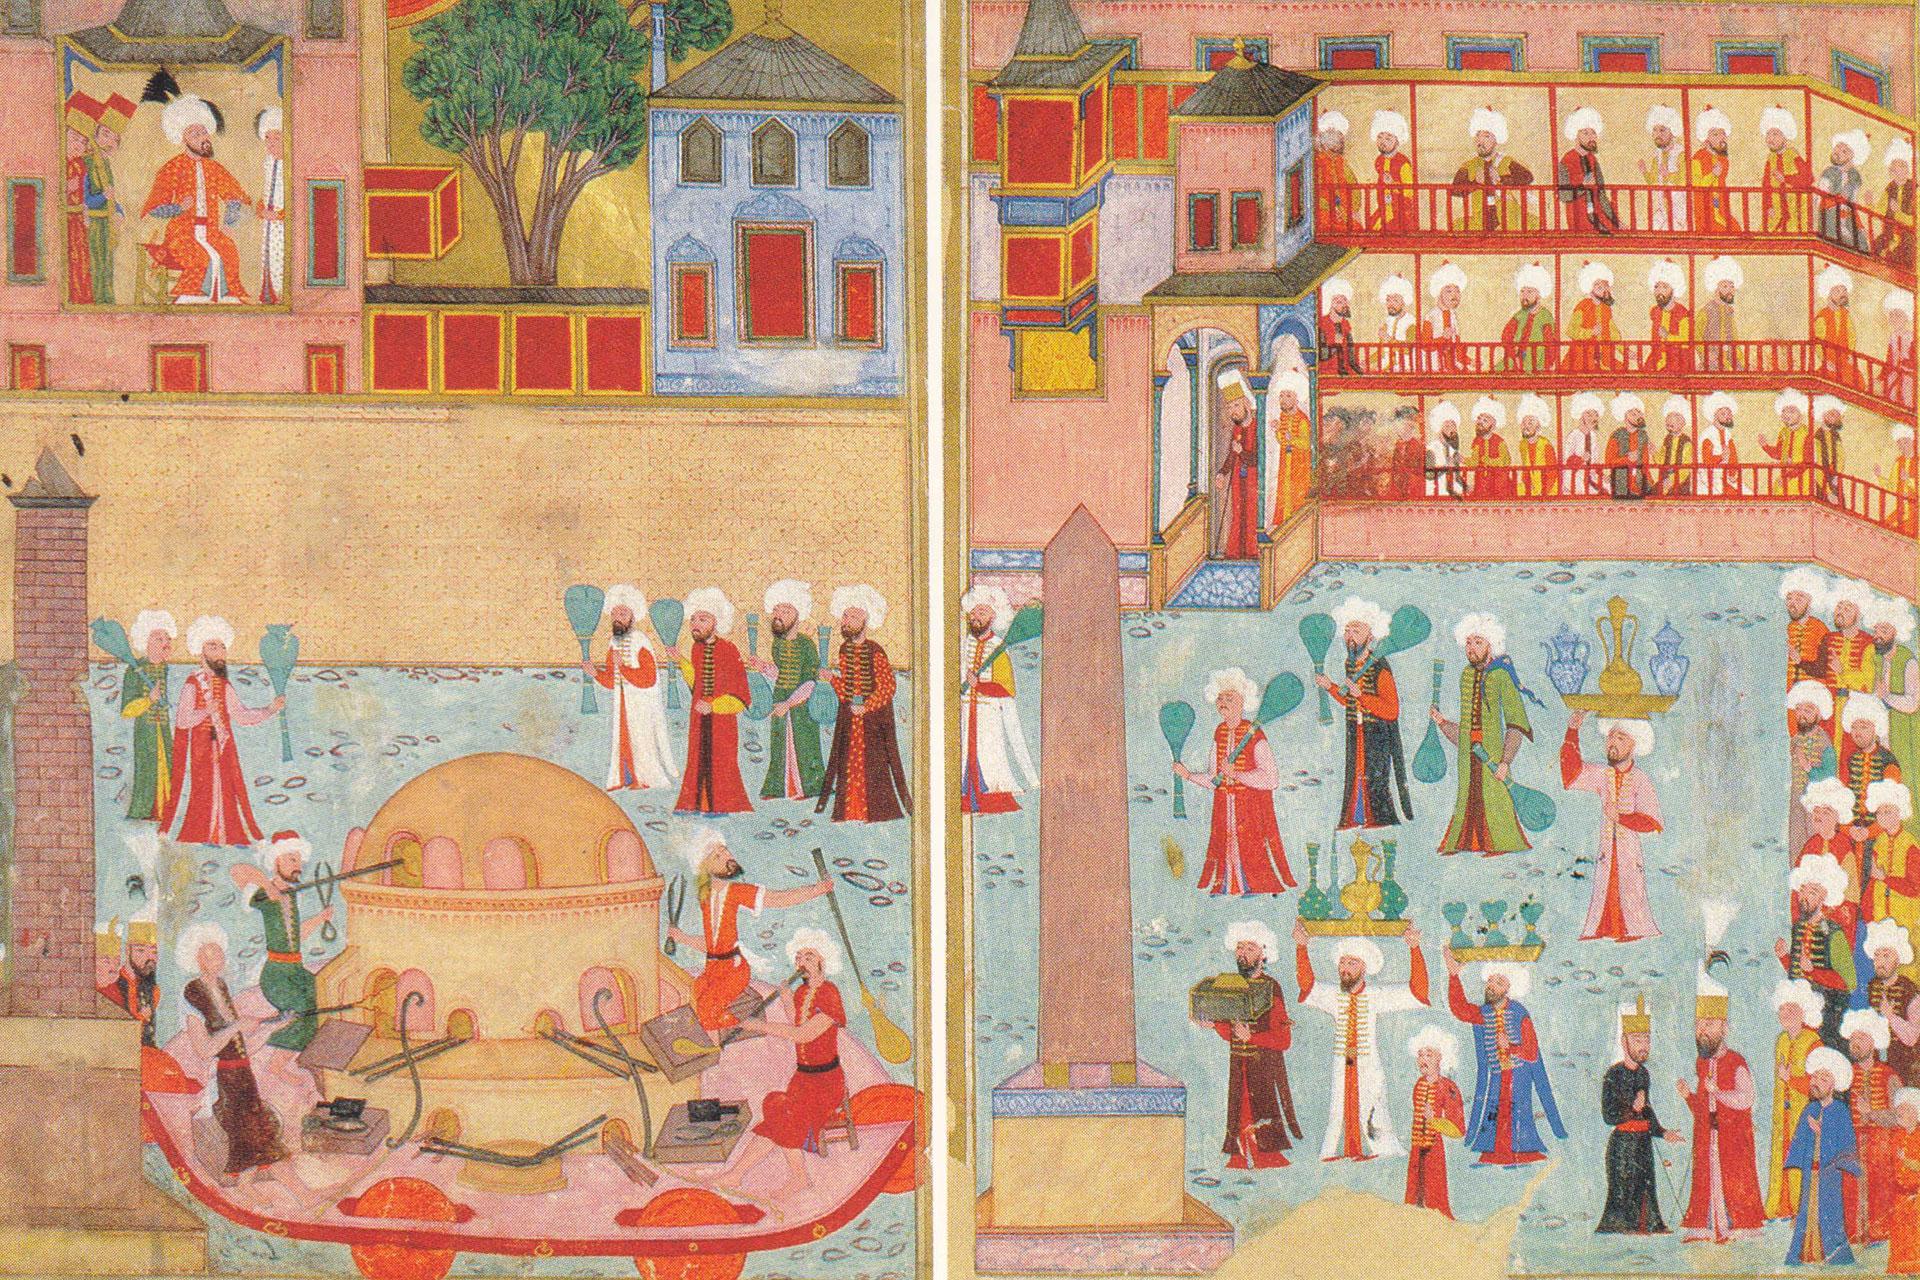 Ottoman Festivals